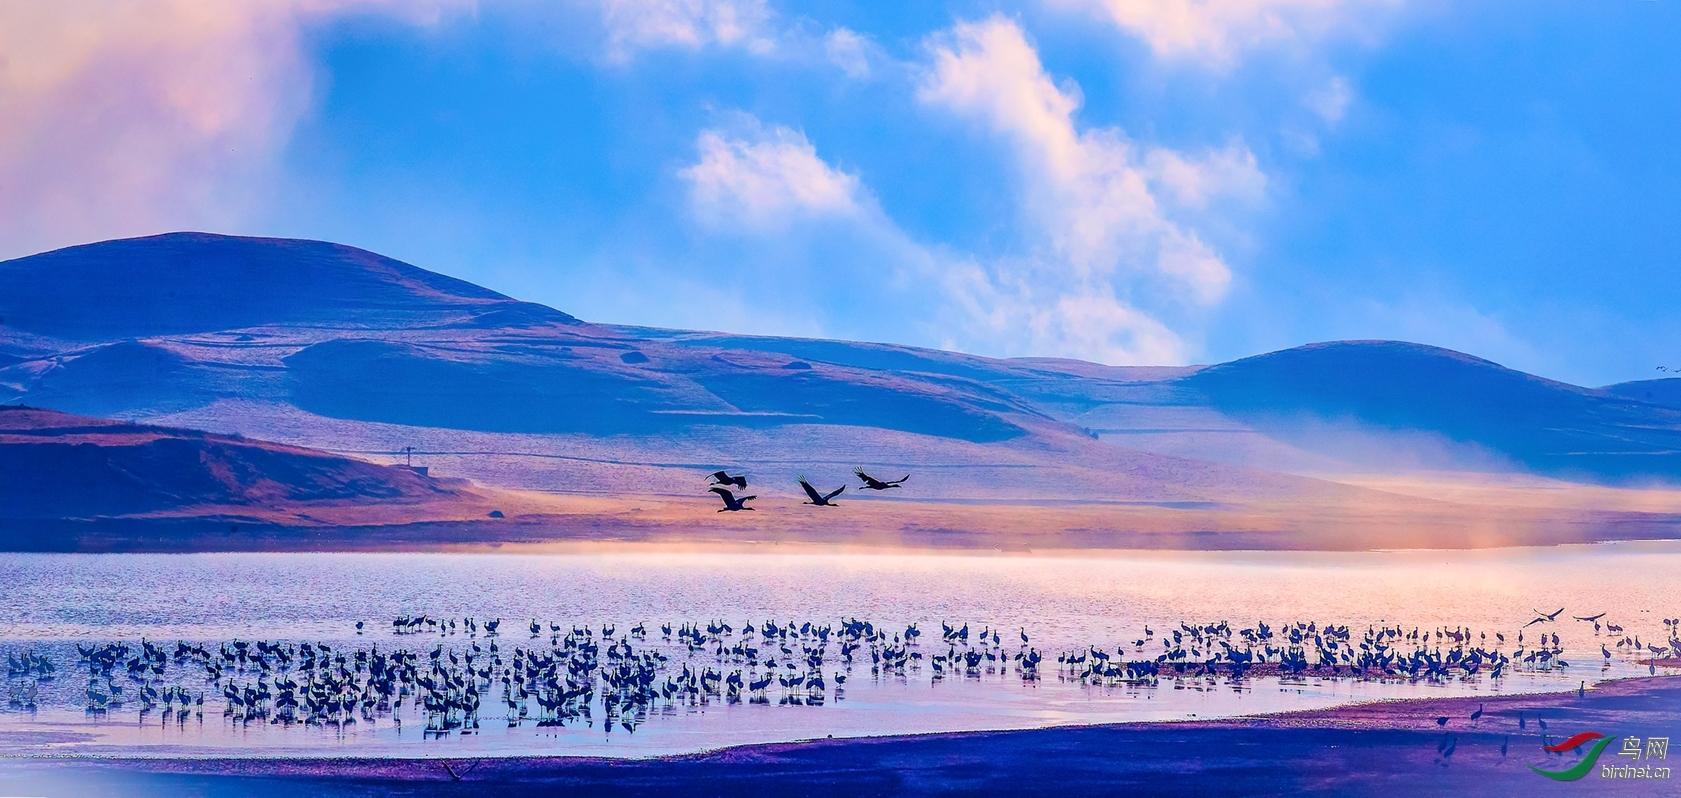 薄发-20202896.黑颈鹤在云南的时光.jpeg